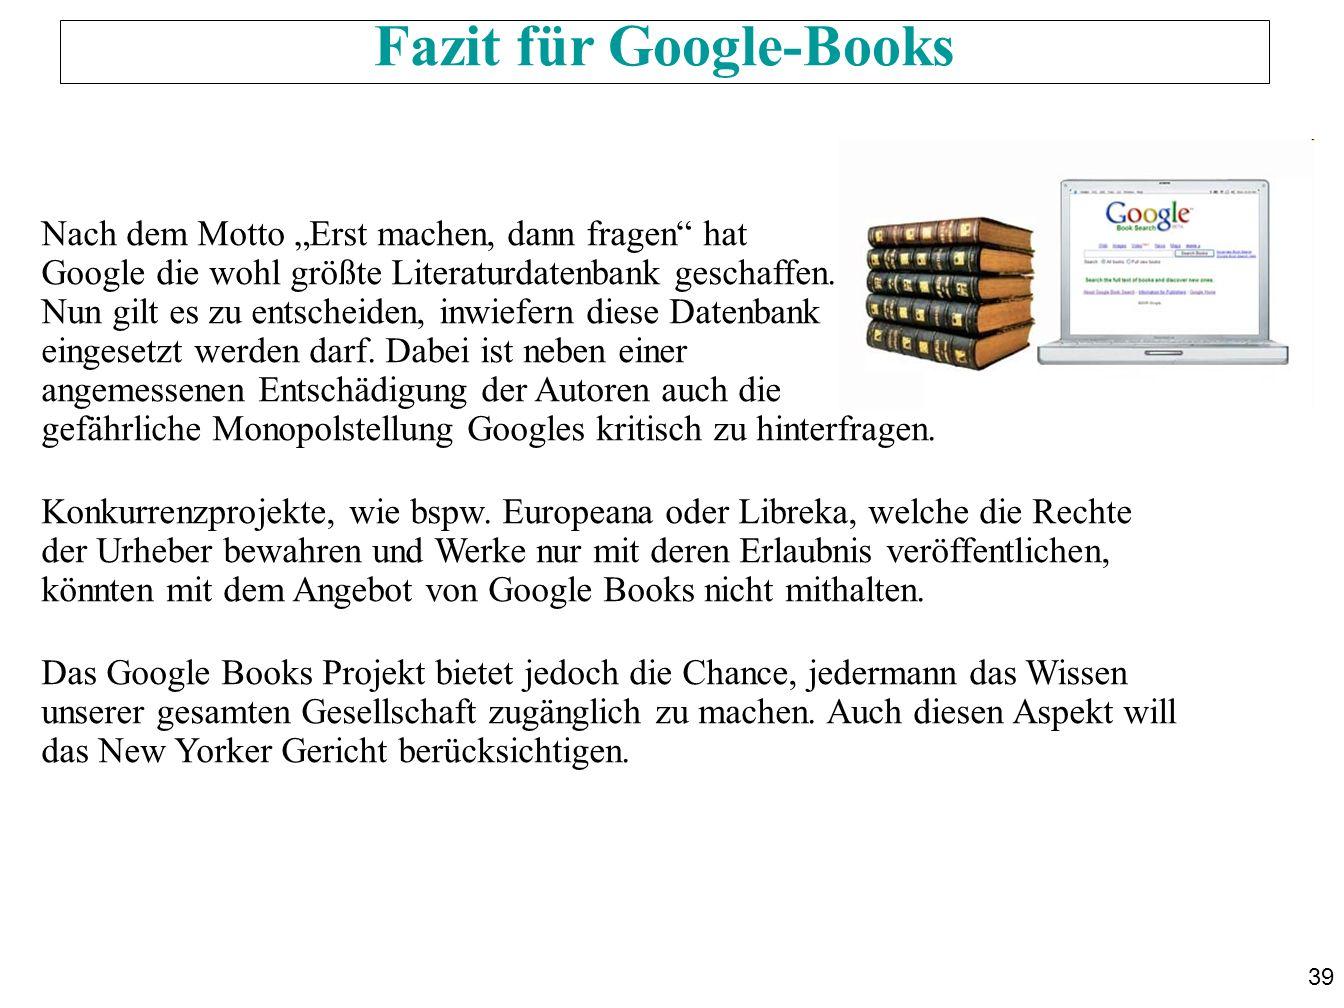 39 Fazit für Google-Books Nach dem Motto Erst machen, dann fragen hat Google die wohl größte Literaturdatenbank geschaffen. Nun gilt es zu entscheiden